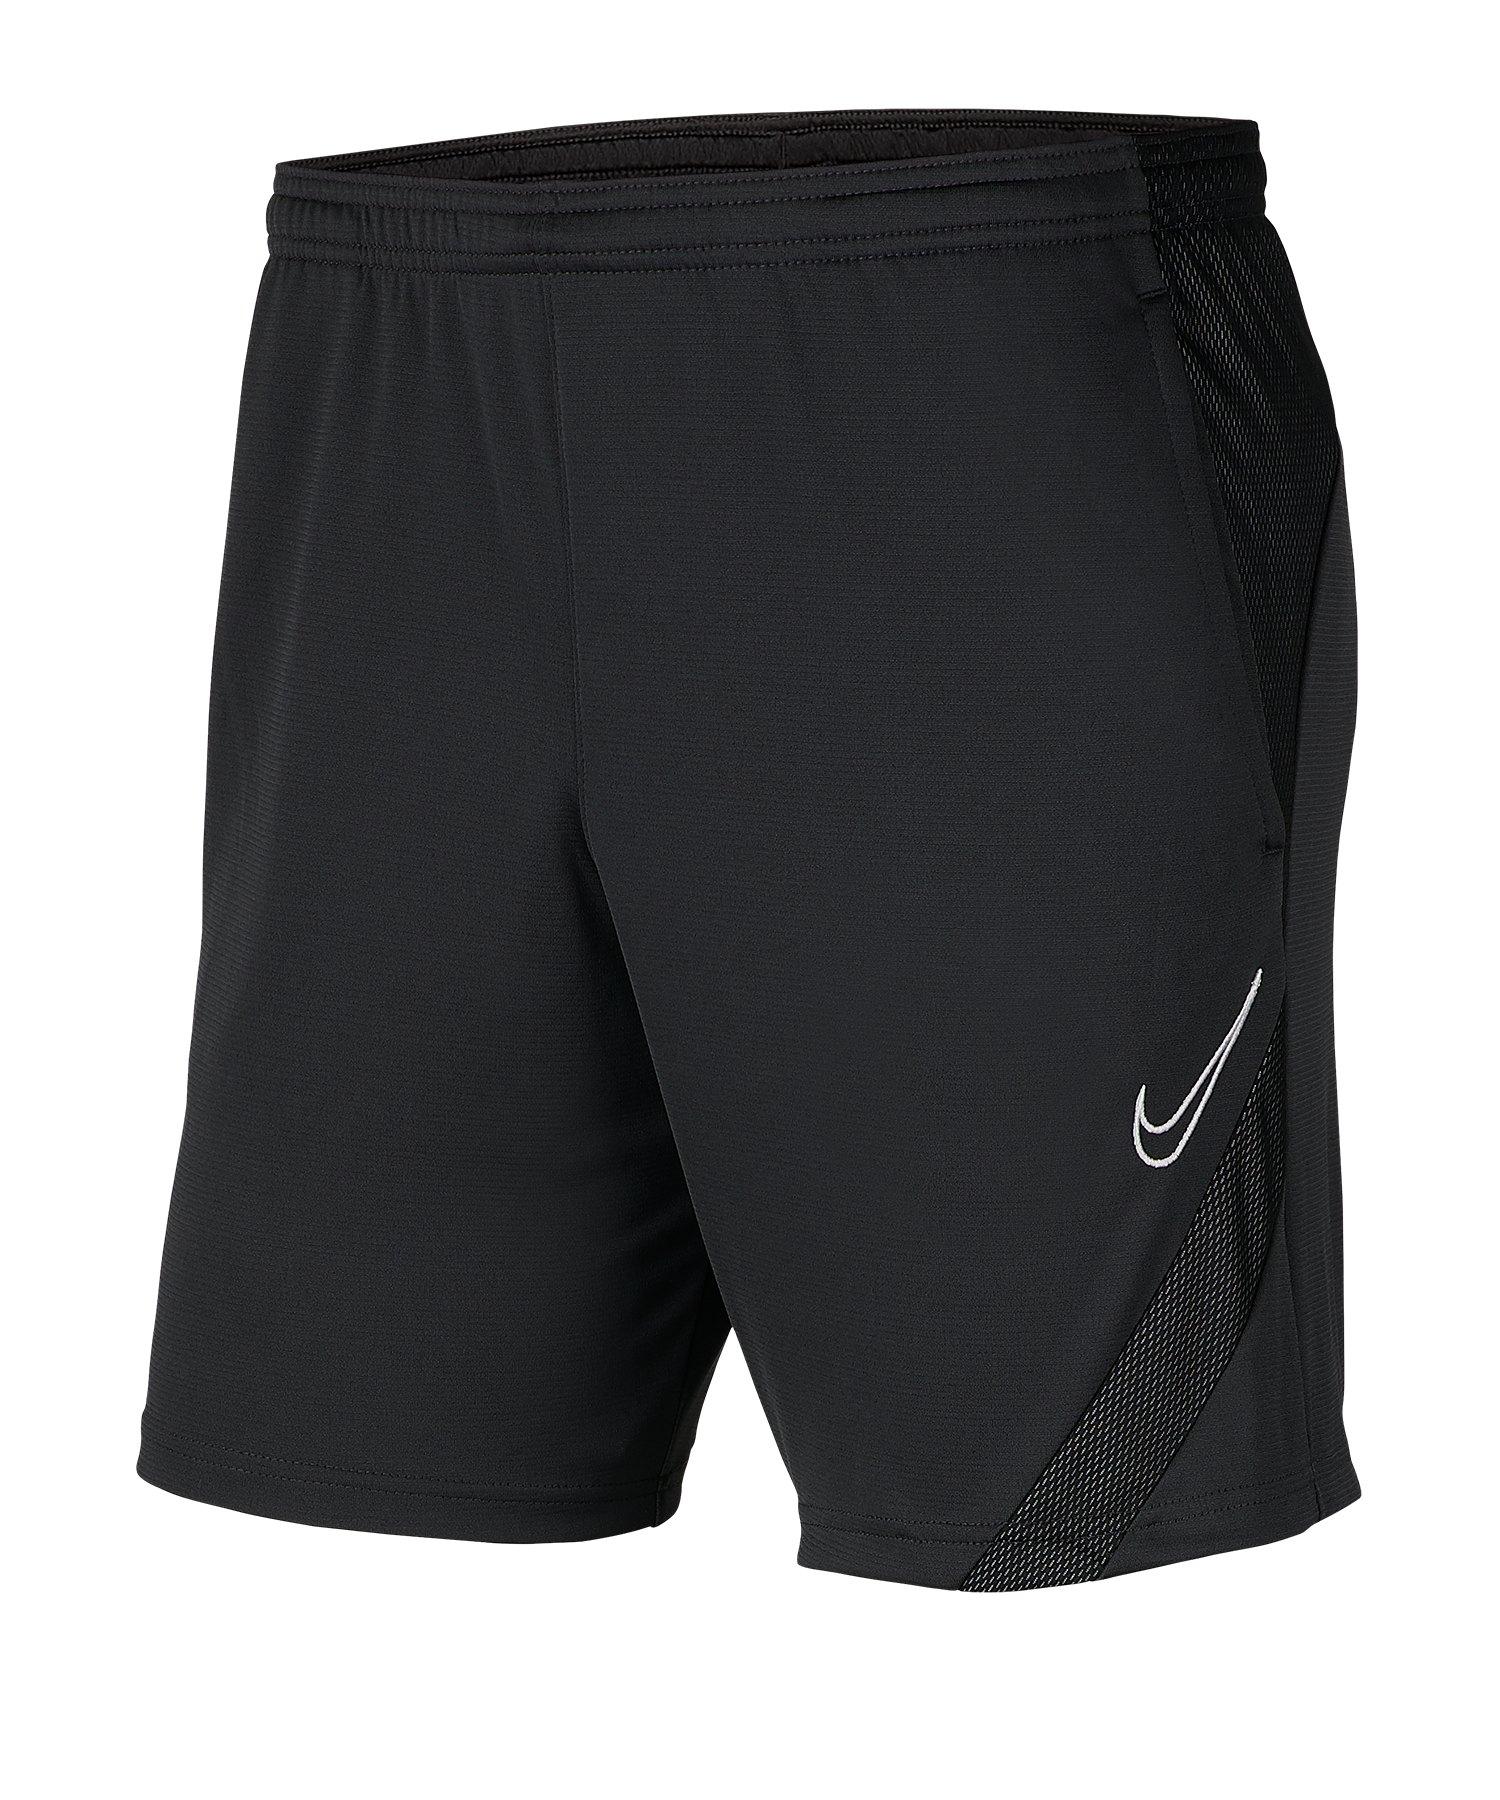 Nike Academy 20 Short Kids Grau F067 - grau